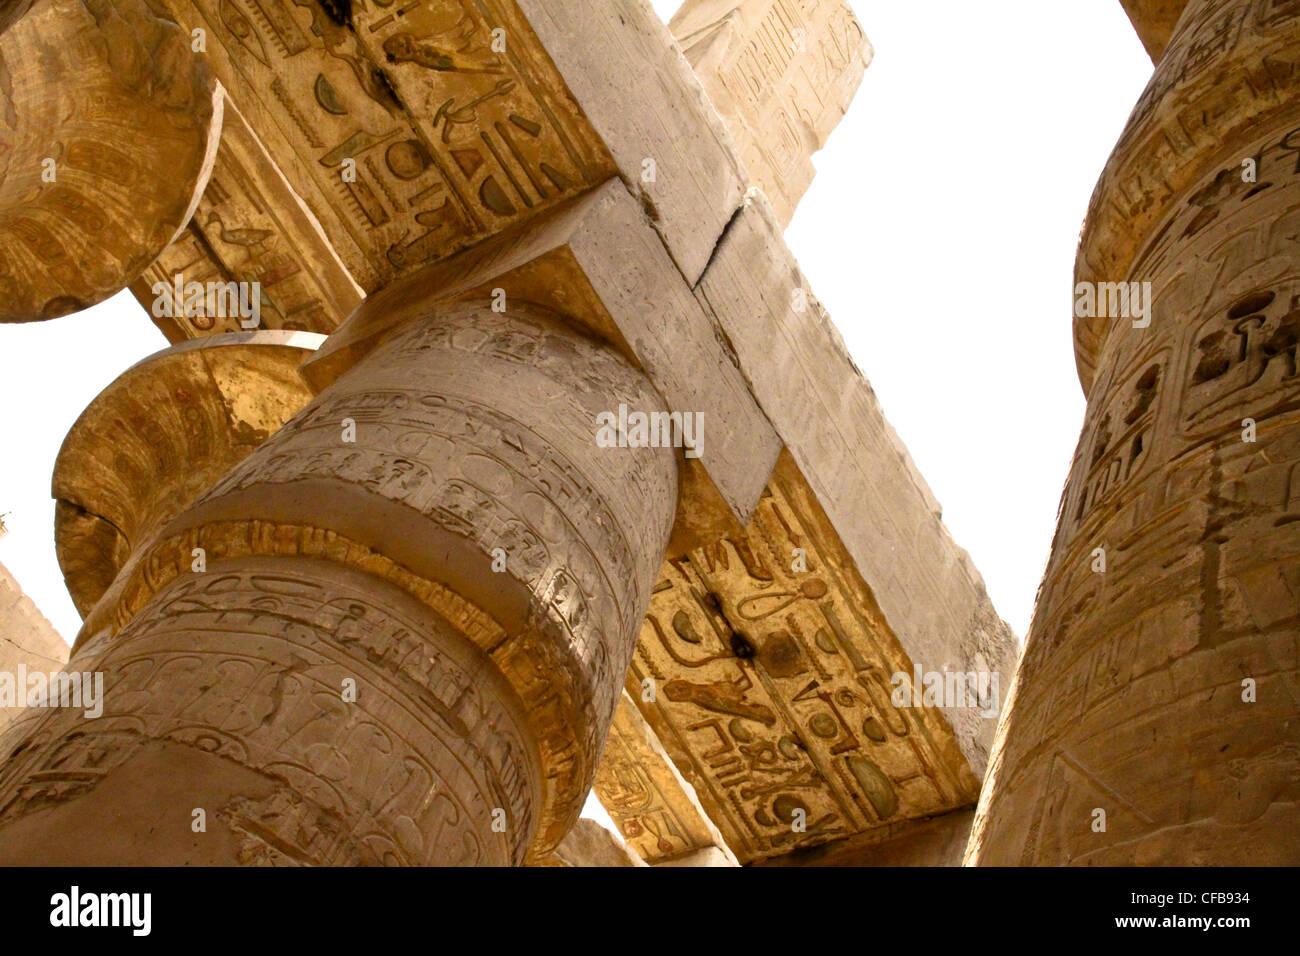 Le grand temple de karnak dédié au culte d'Amon, dans la ville de Louxor en Égypte Photo Stock